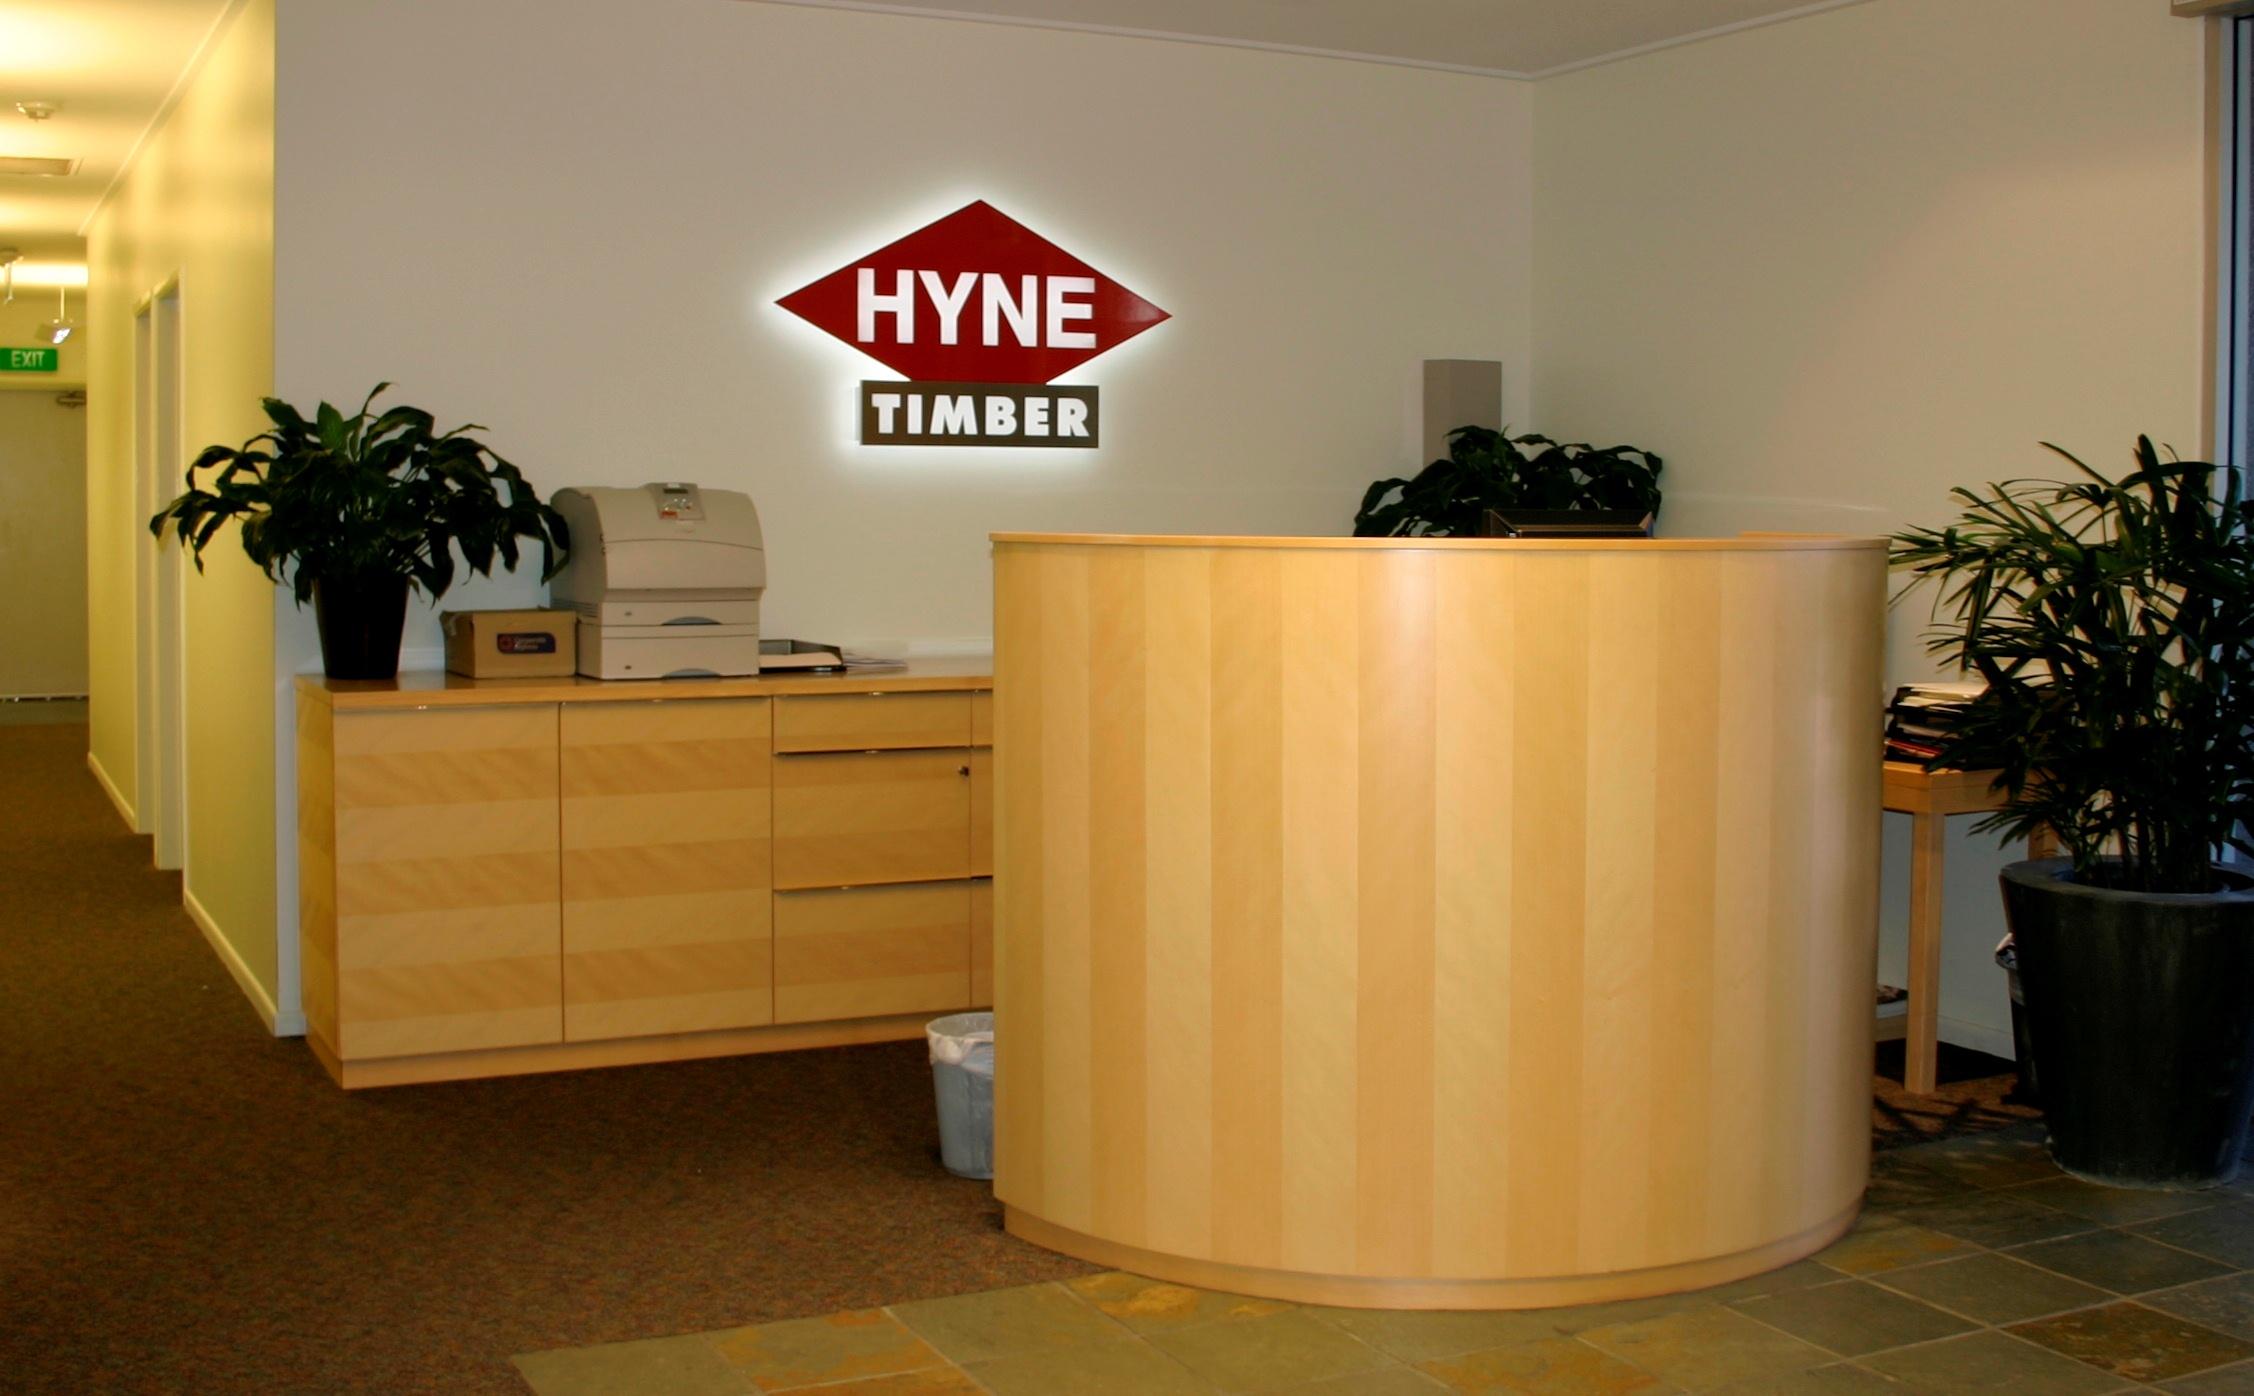 Hyne reception